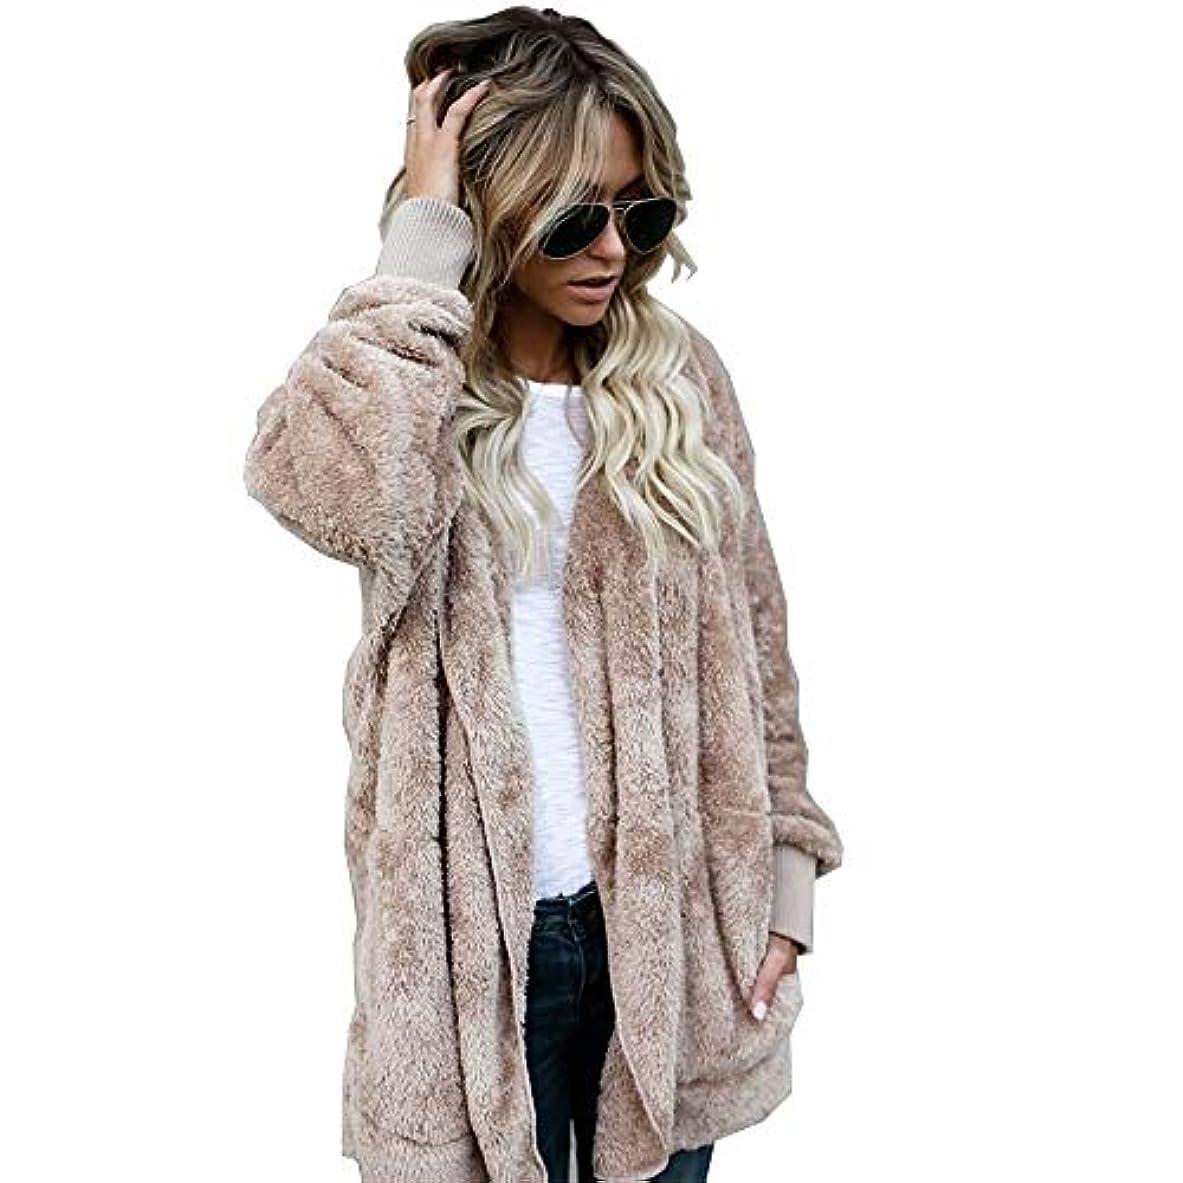 終了しました転用通り抜けるMIFAN 長袖パーカー、冬のコート、女性のコート、女性の緩い厚く暖かいフェイクファーフード付きカーディガン